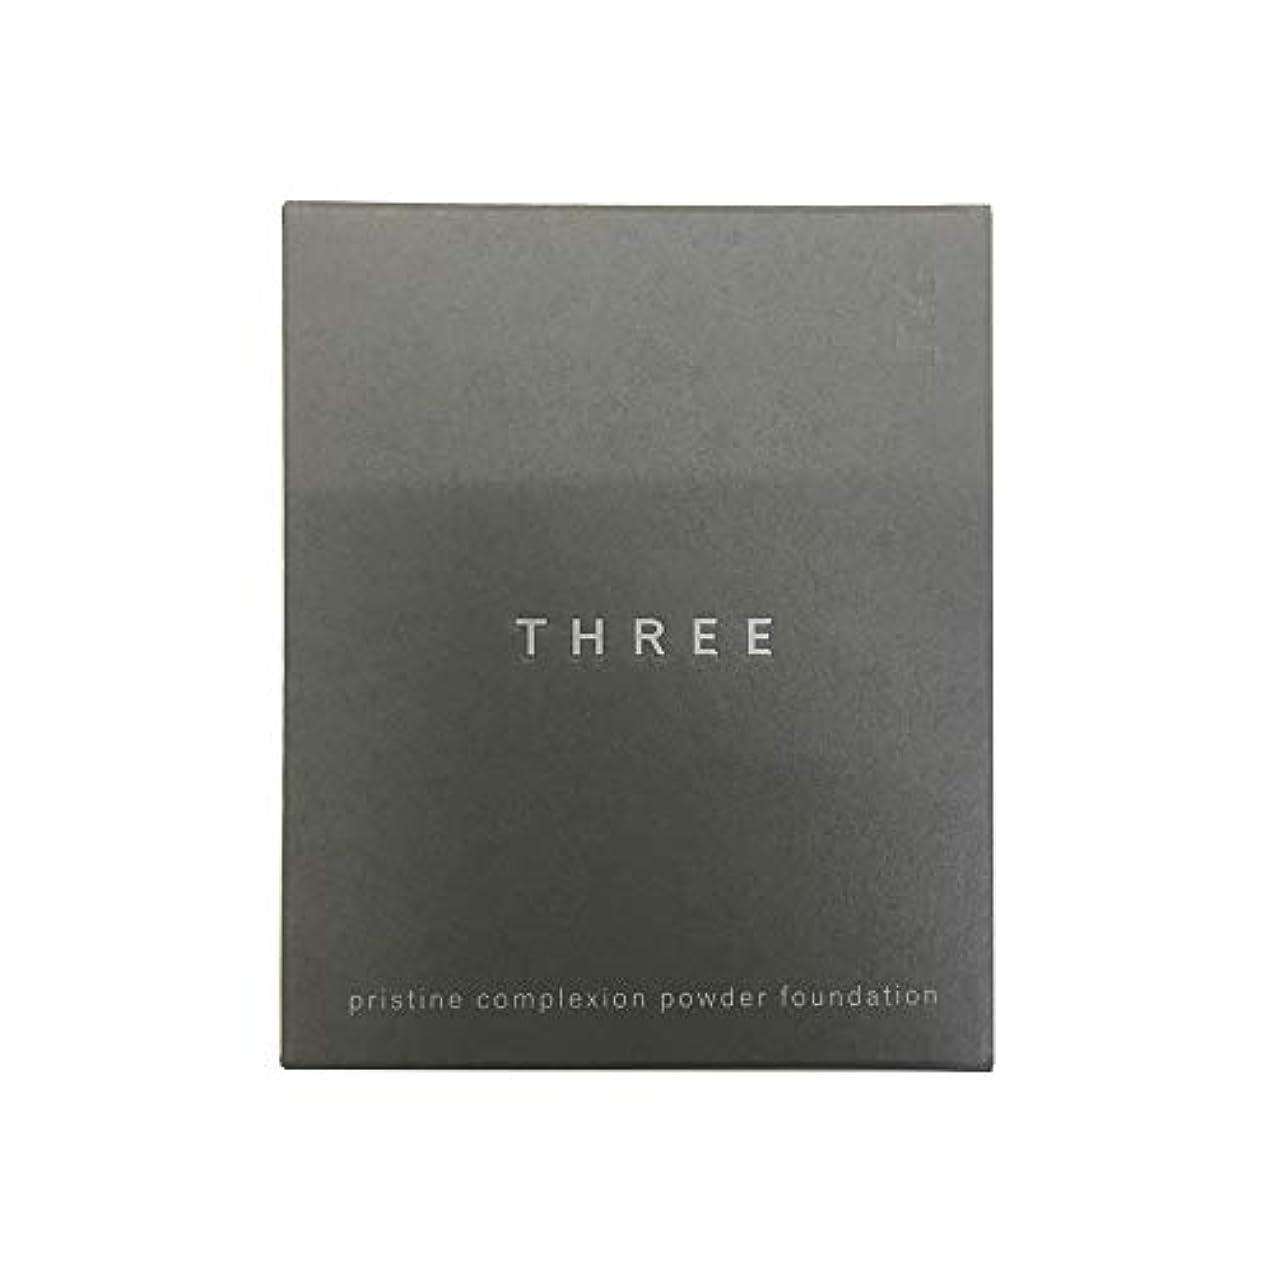 鉛筆抑圧する欠席THREE(スリー) プリスティーンコンプレクションパウダーファンデーション #202(リフィル) [ パウダーファンデーション ] [並行輸入品]